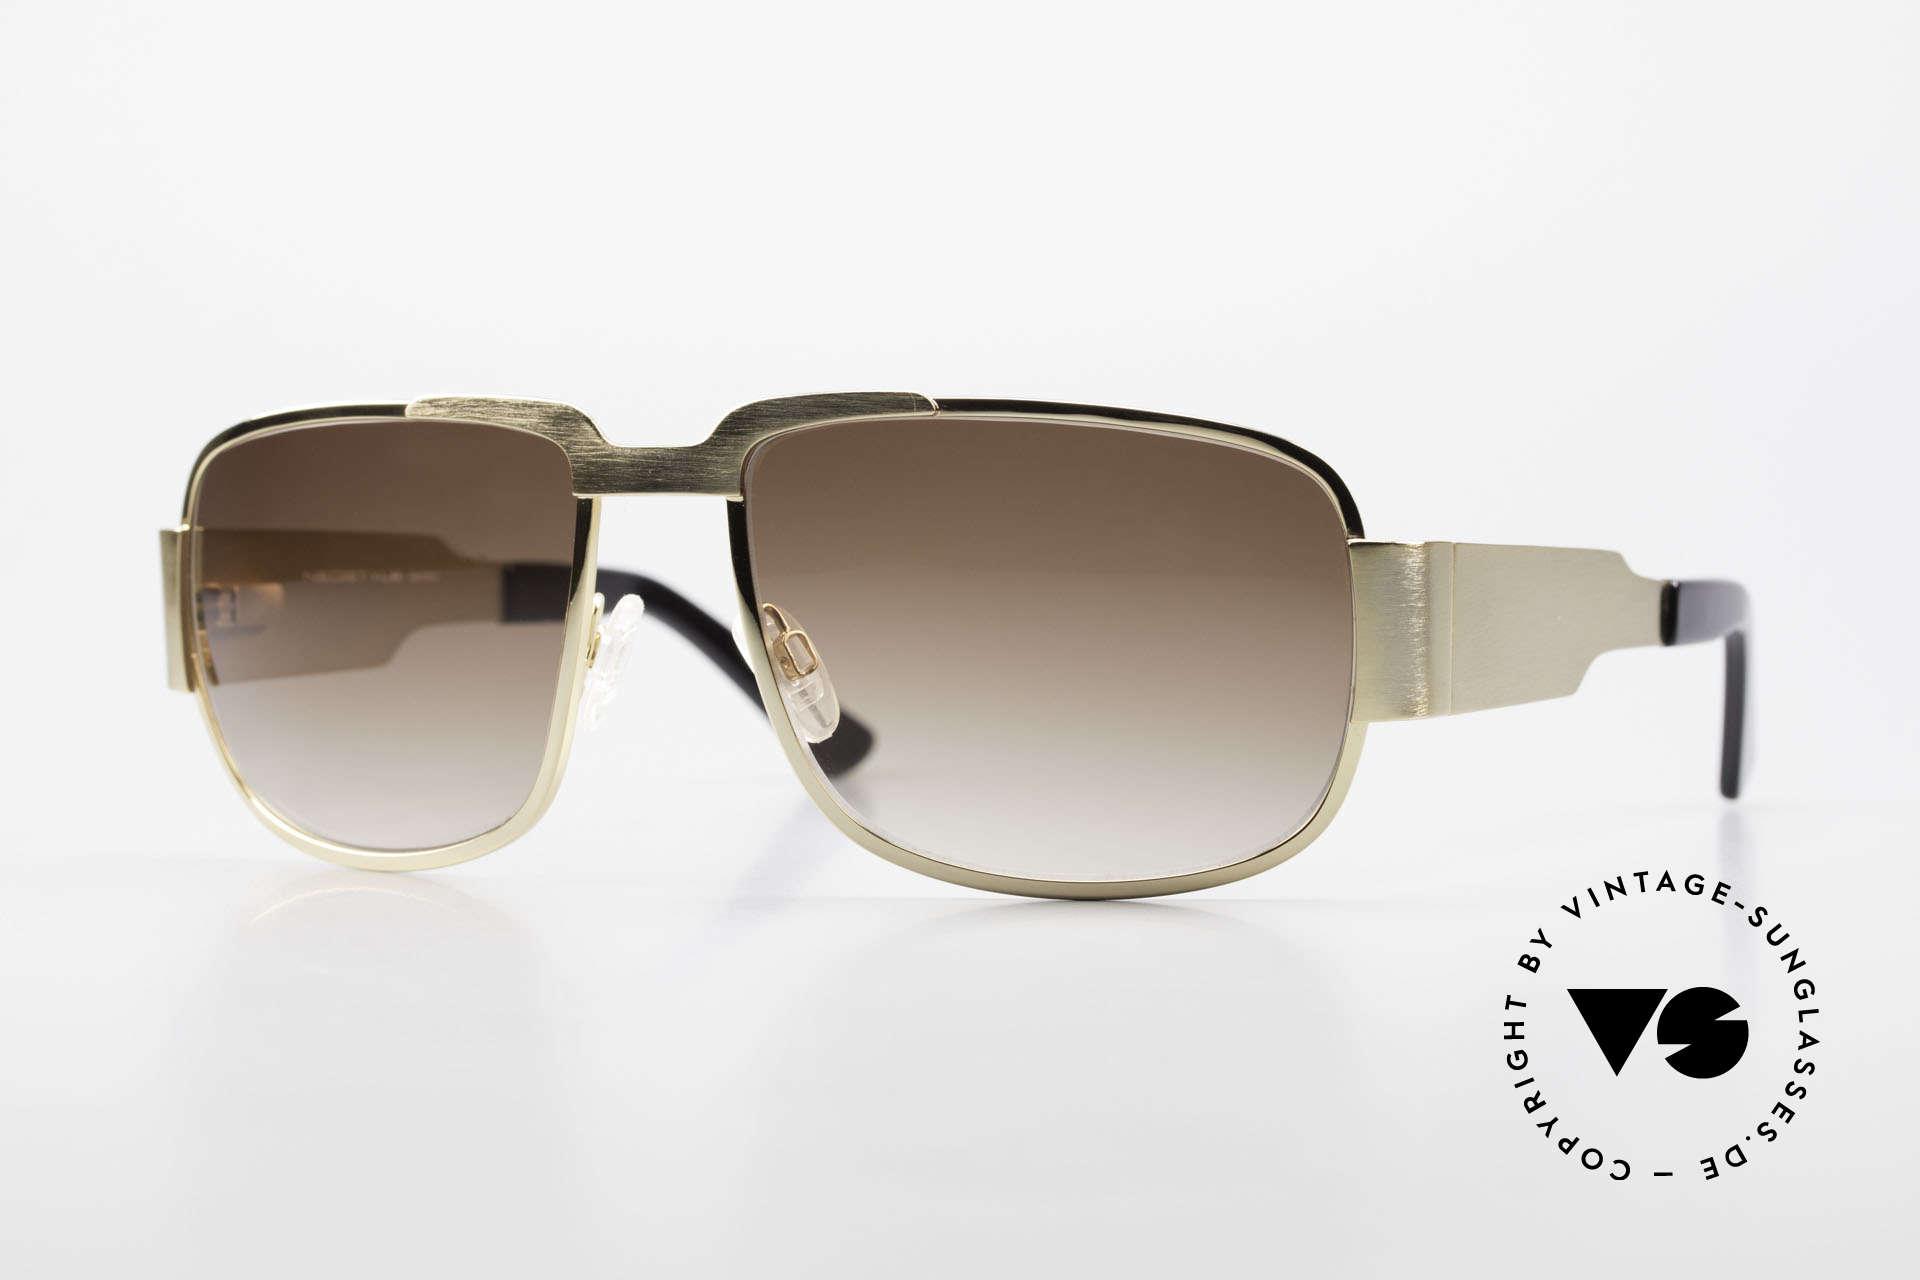 Neostyle Nautic 2 Brad Pitt Tarantino Sunglasses, Brad Pitt sunglasses, Quentin Tarantino movie sunglasses, Made for Men